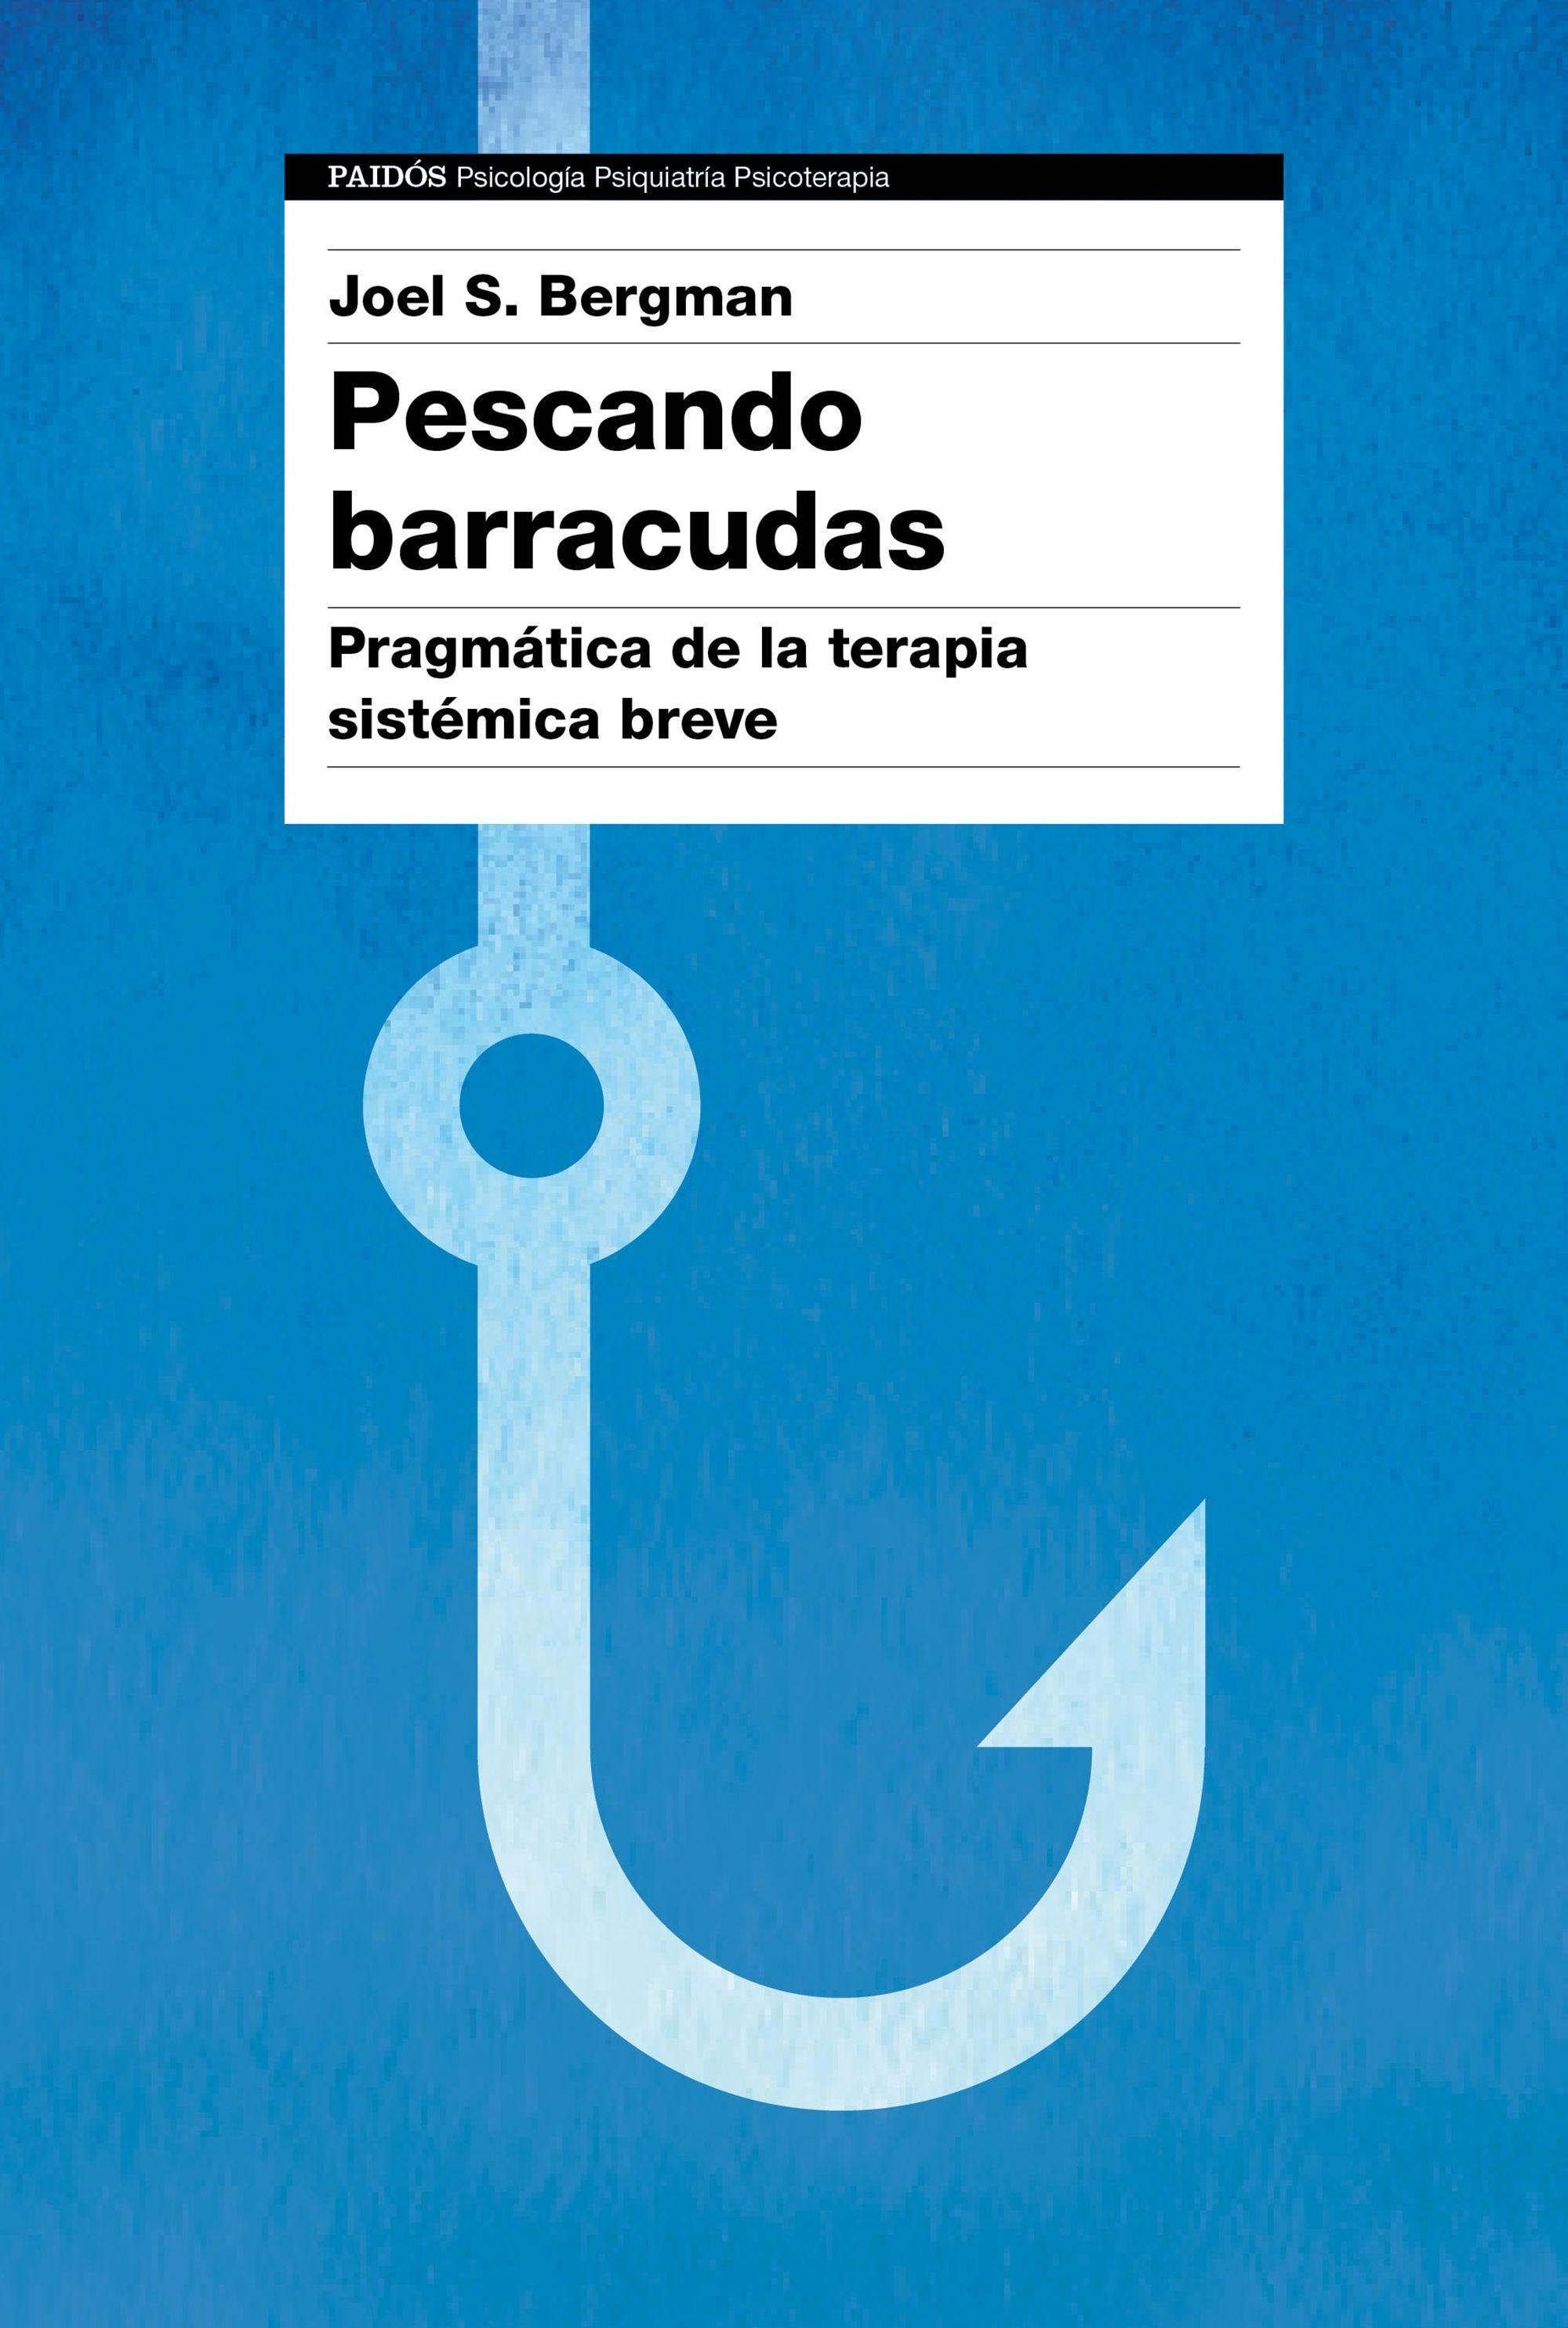 PESCANDO BARRACUDAS